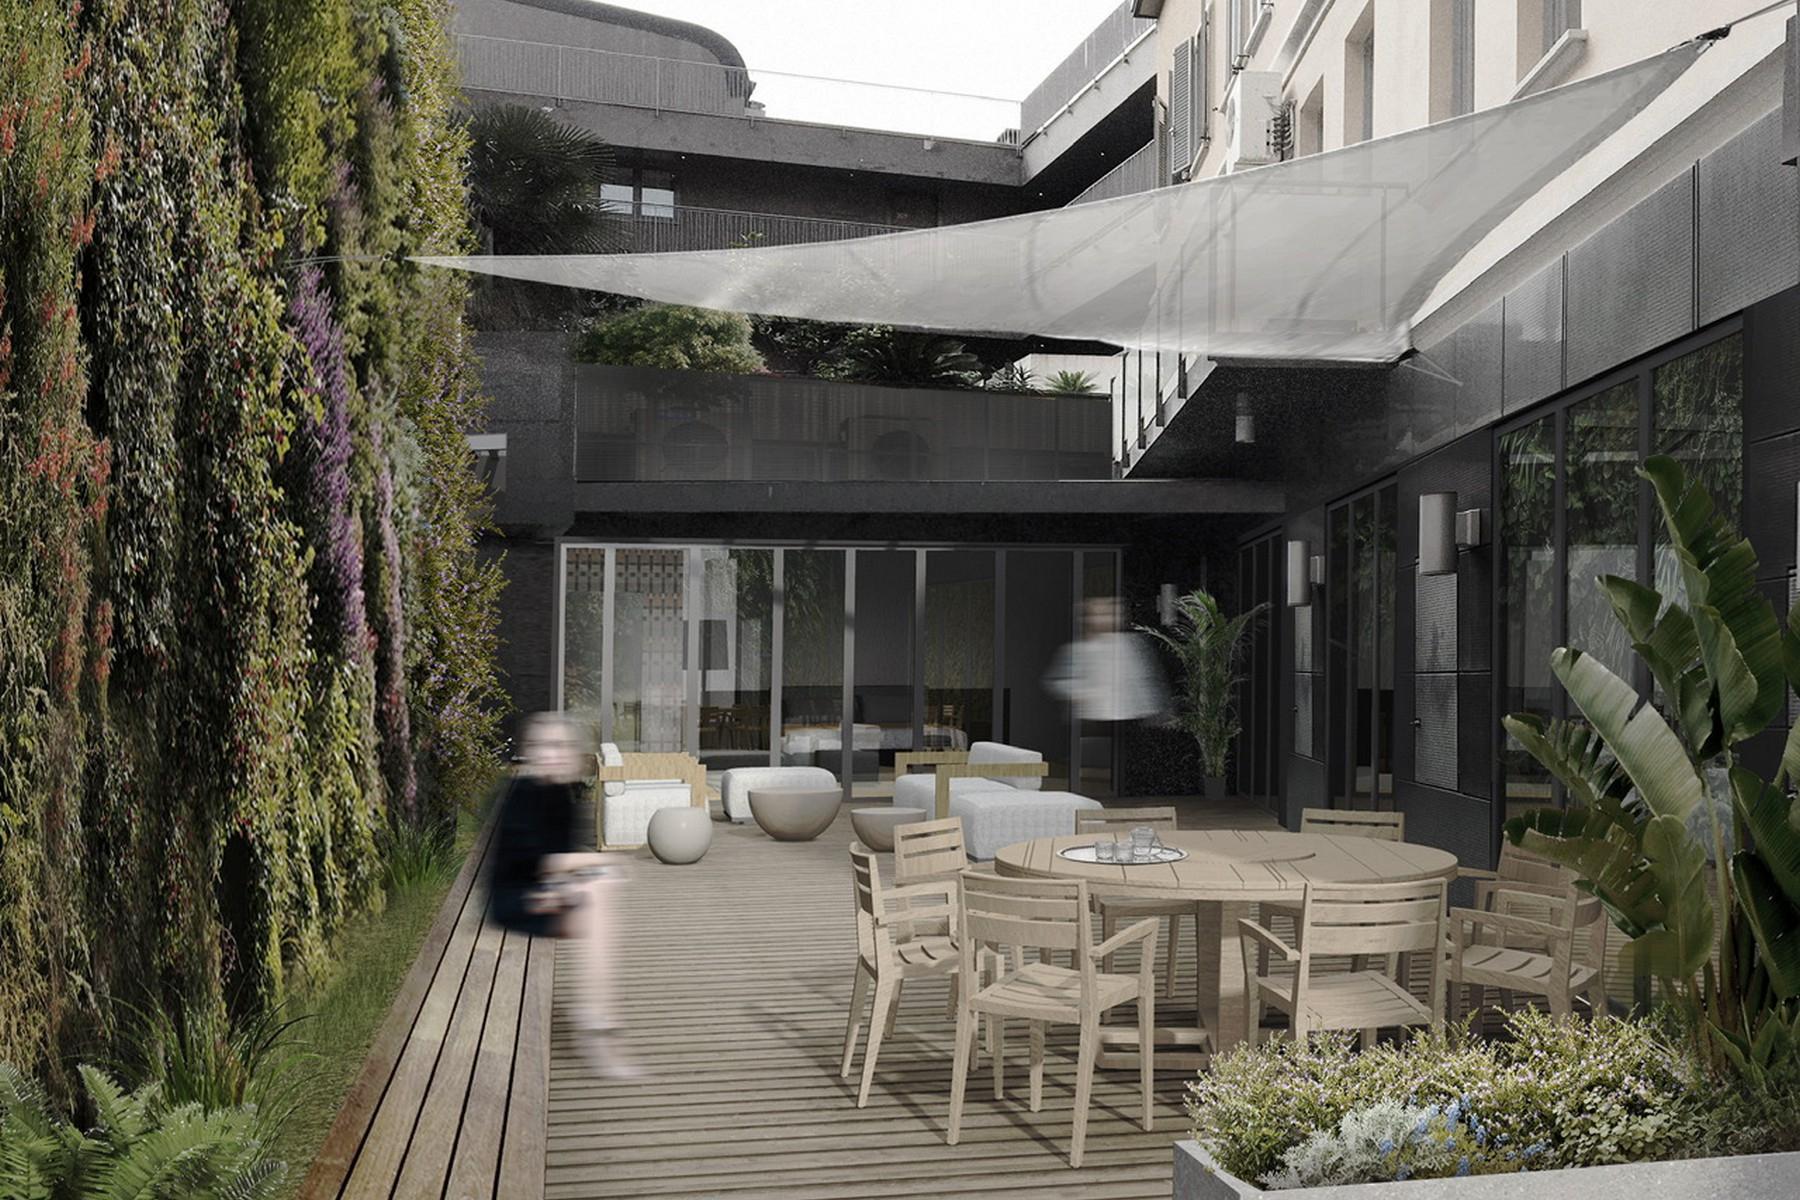 Elegante proprietà semi indipendente di ampia metratura con giardino privato - 1